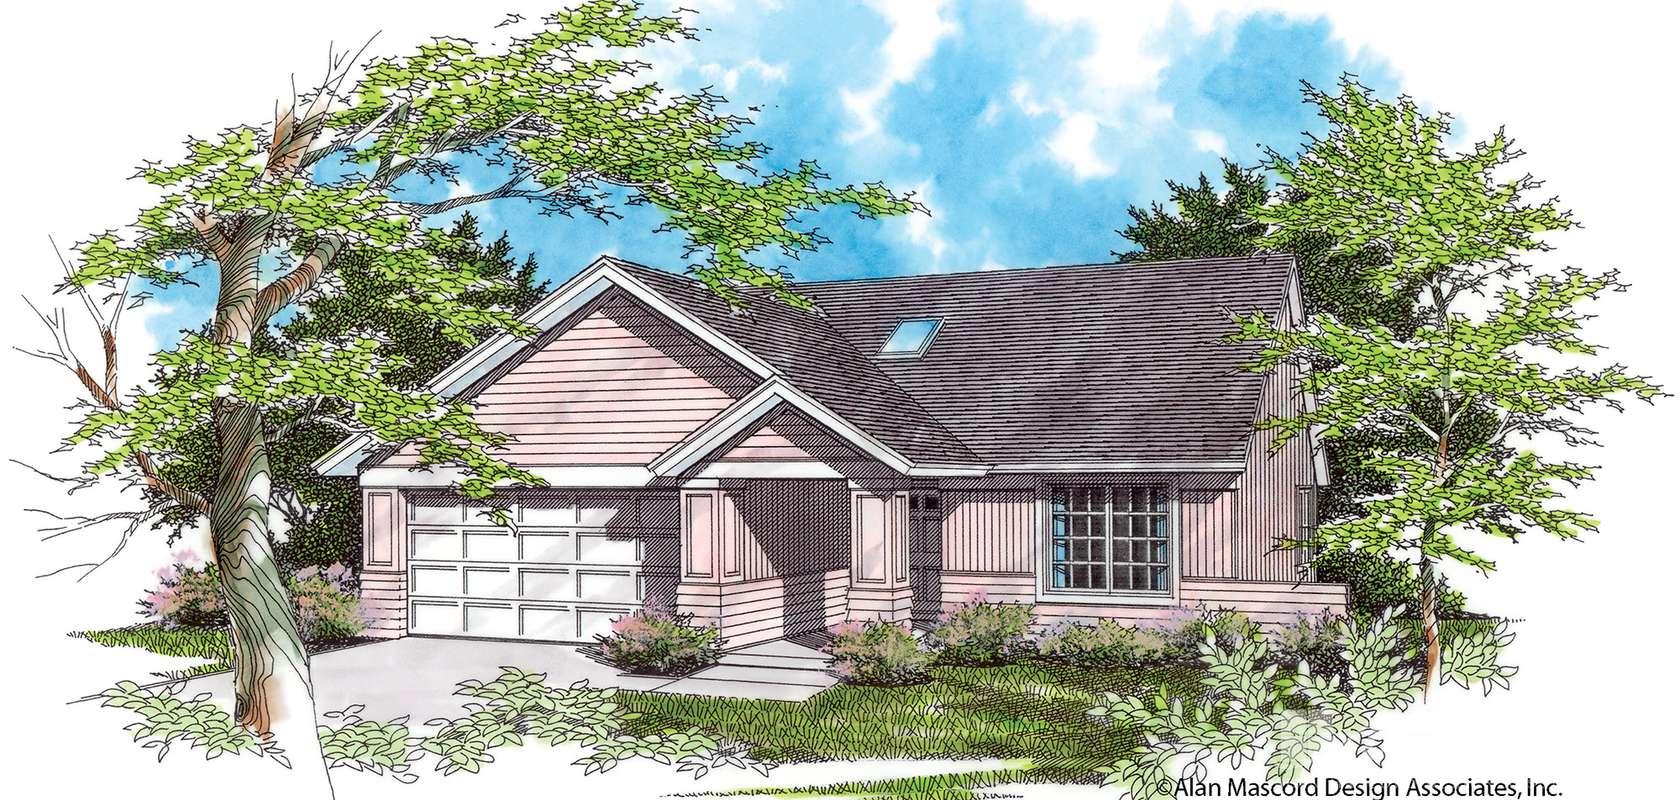 Mascord House Plan 1132A: The Rheingold